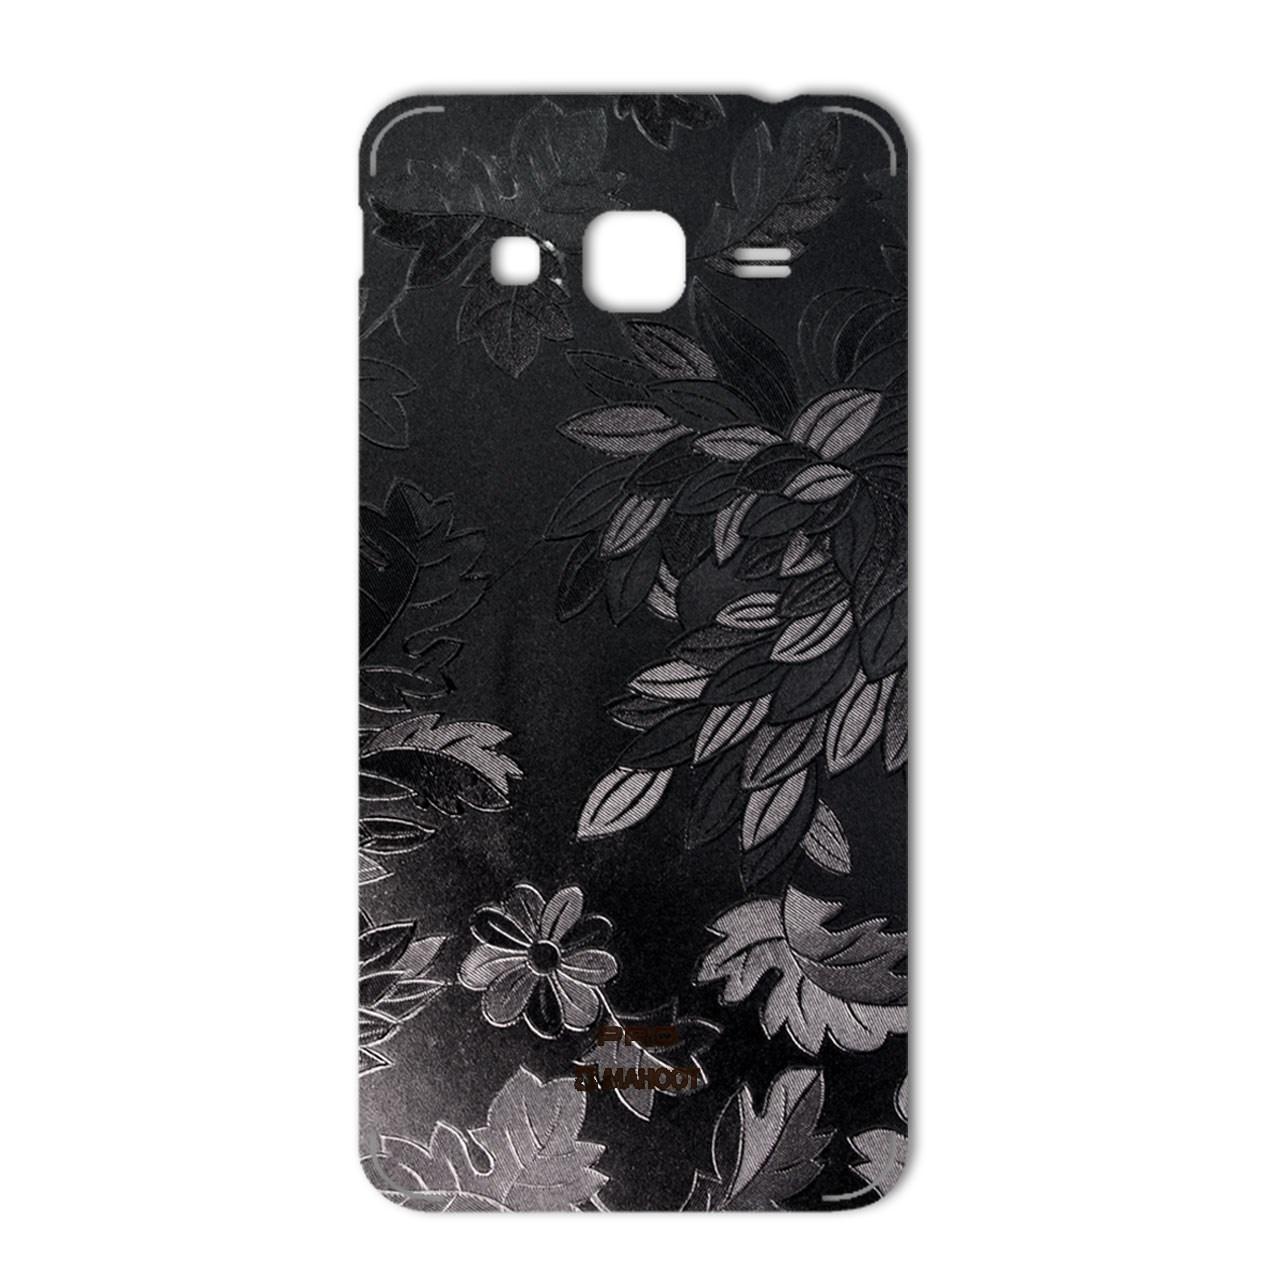 برچسب پوشی ماهوت مدل Wild-flower Texture مناسب برای گوشی  Samsung J3 2016